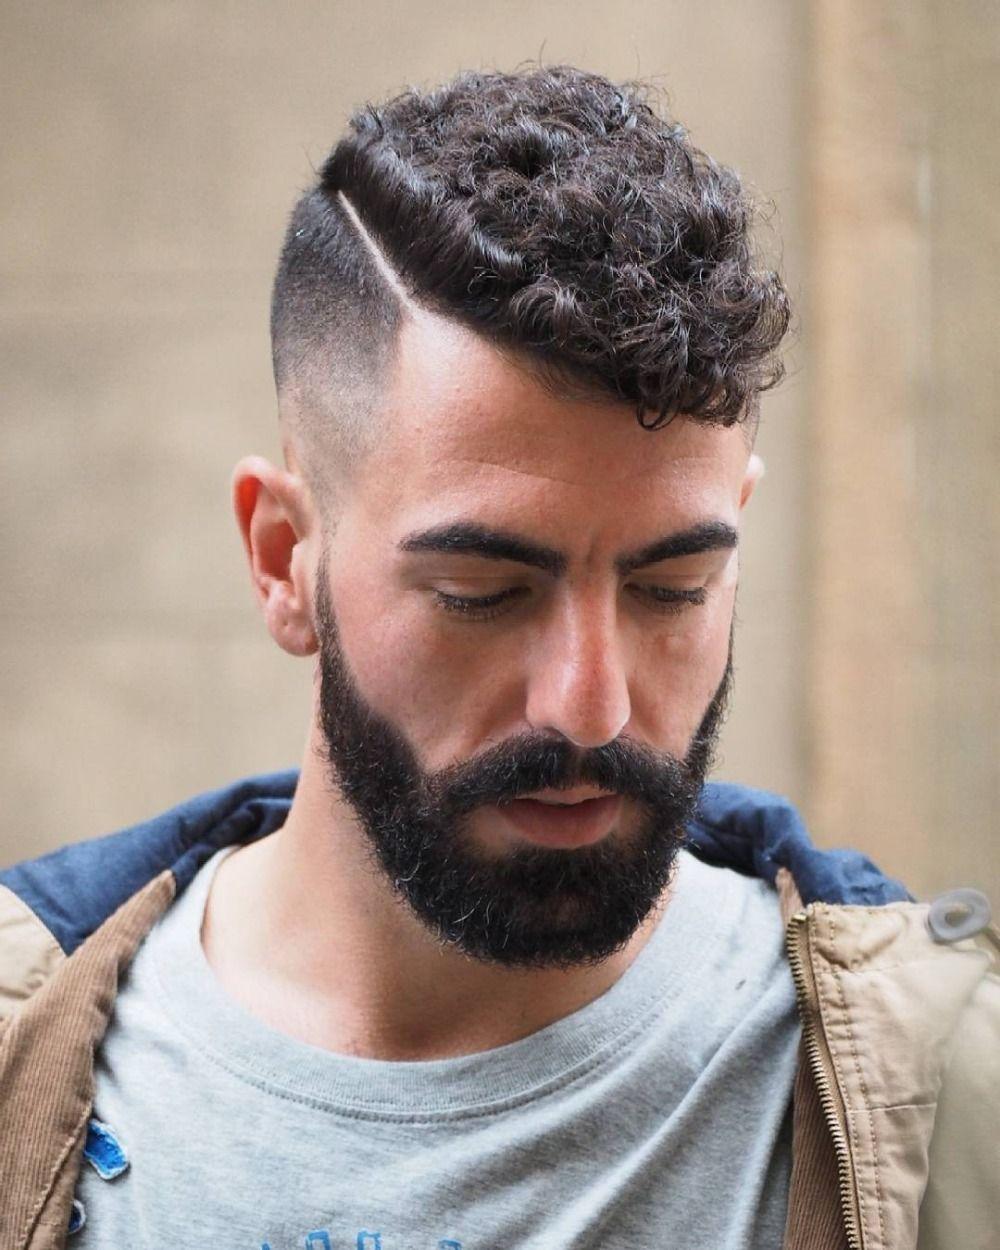 außergewöhnliche männerfrisur für lockiges haar mit kurz